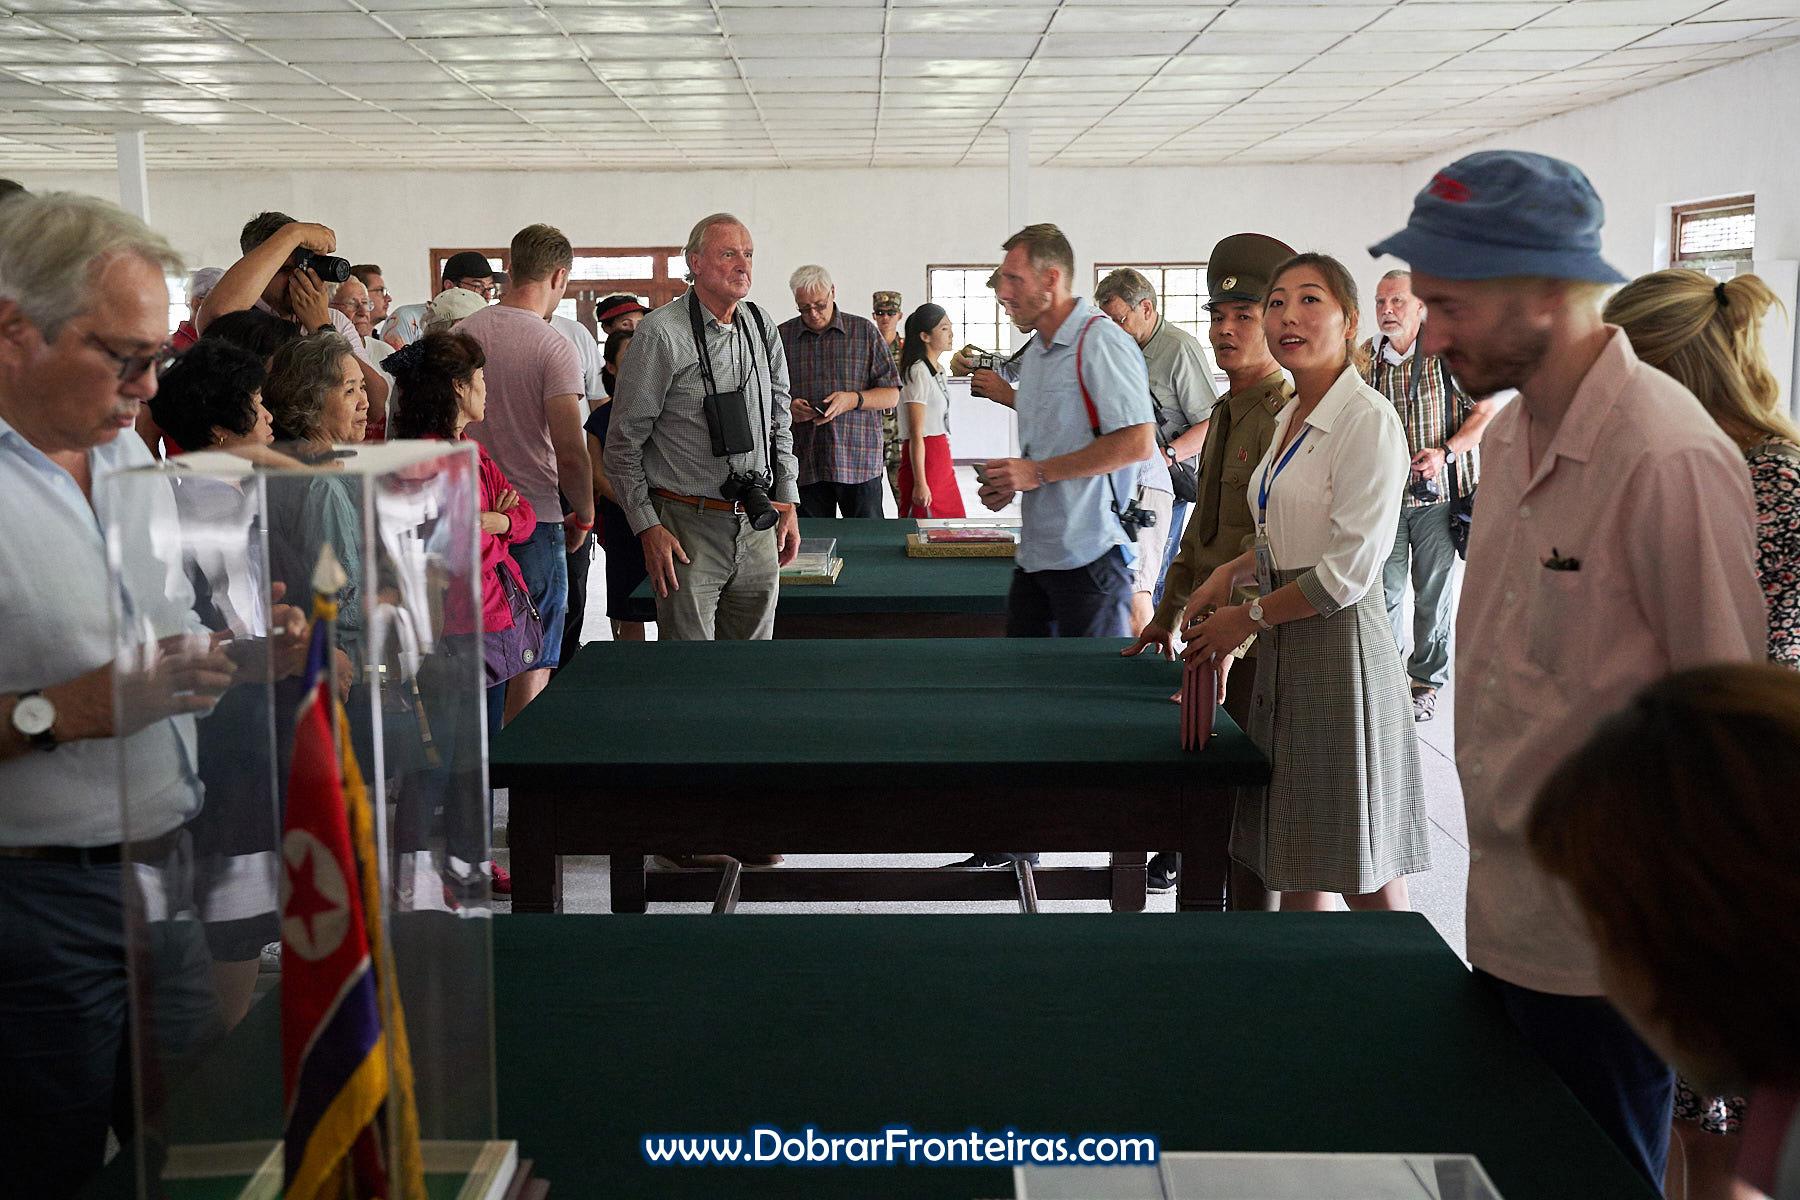 Turistas e guias na sala do armistício na DMZ